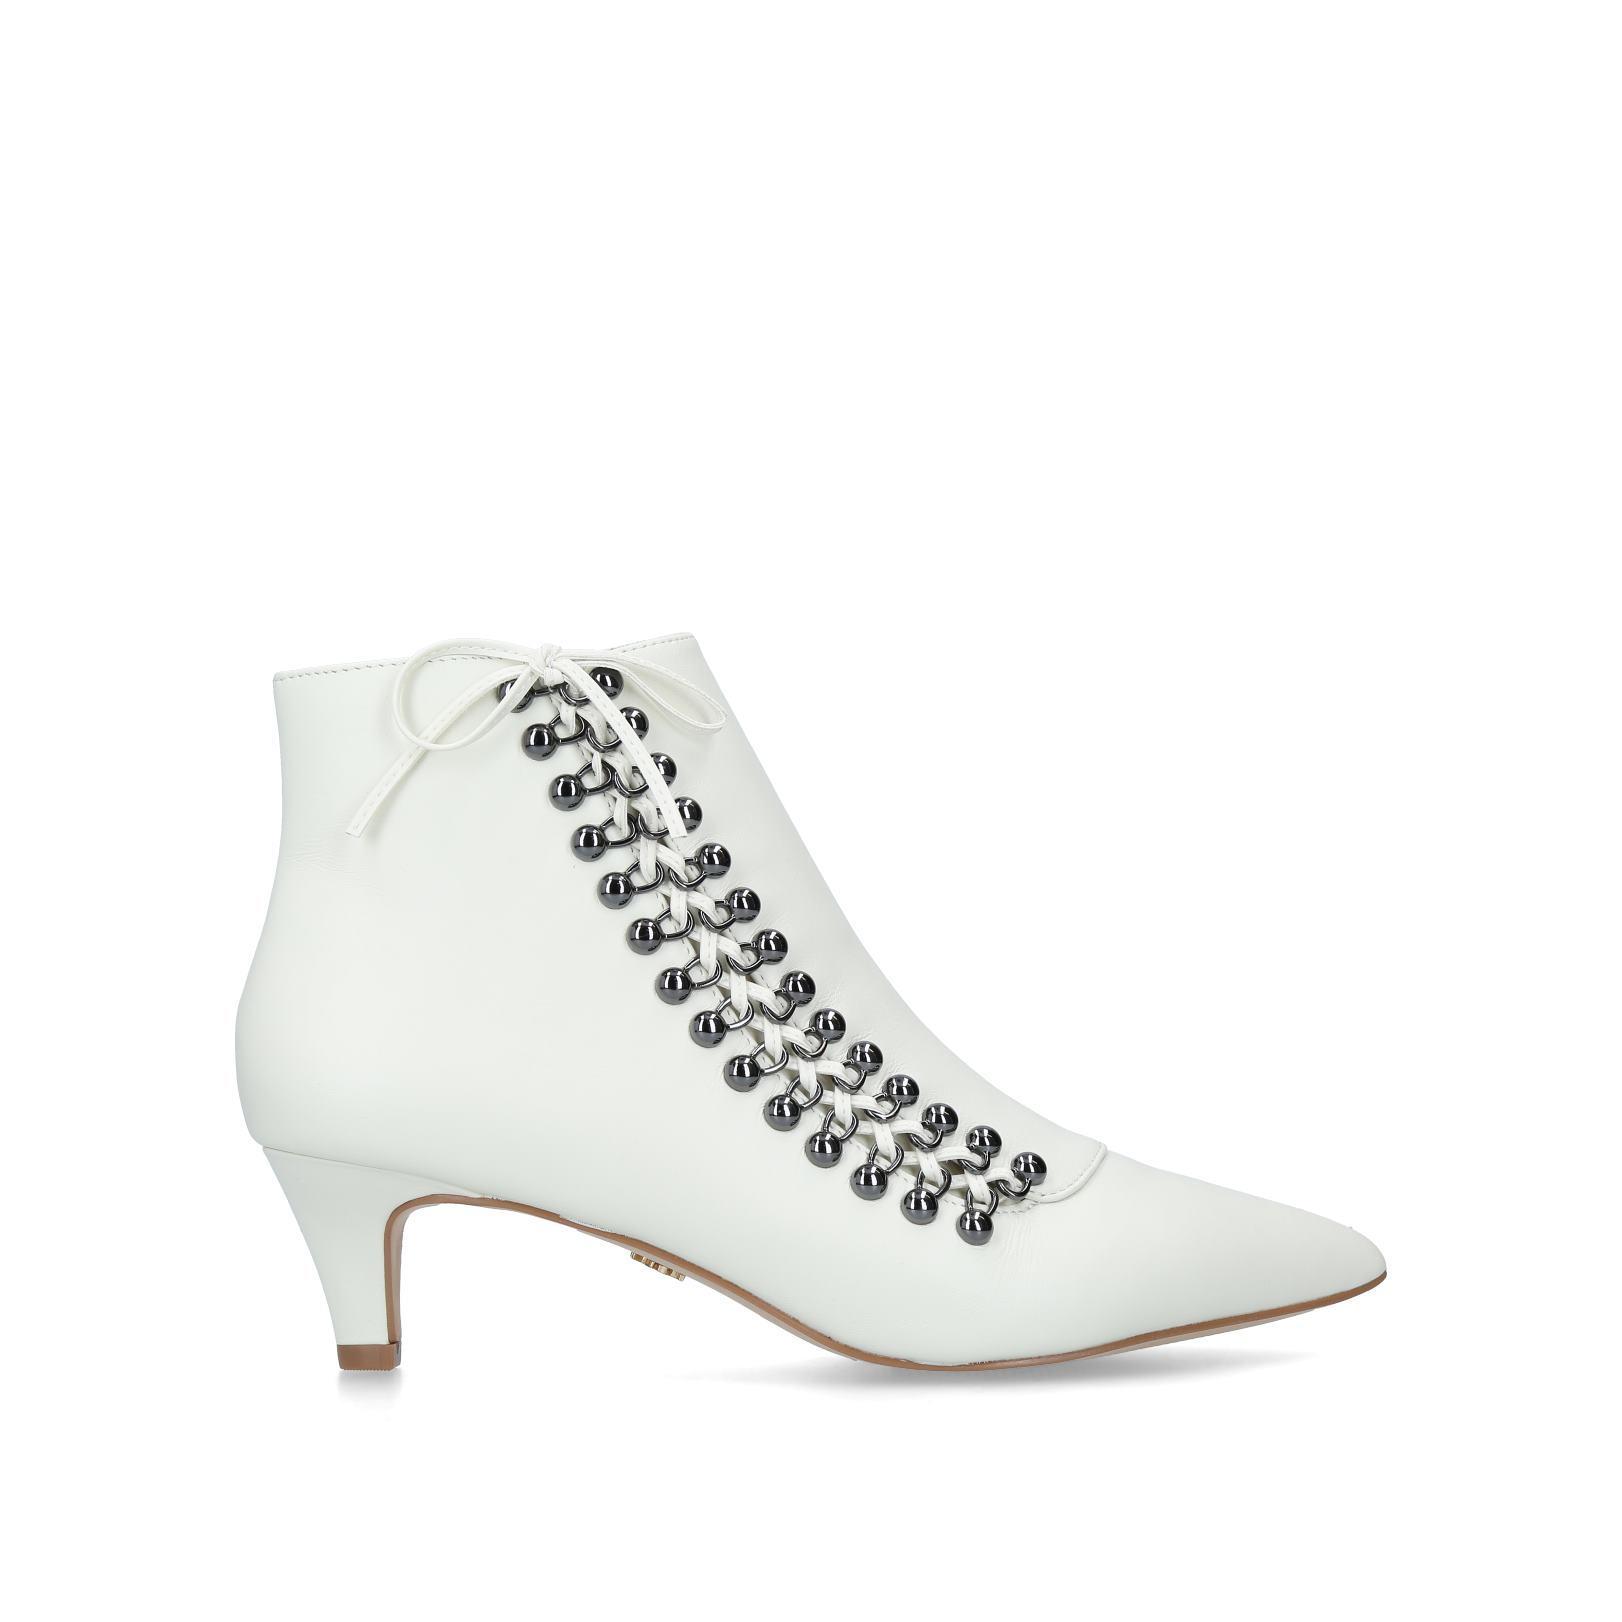 RITA - KURT GEIGER LONDON Ankle Boots